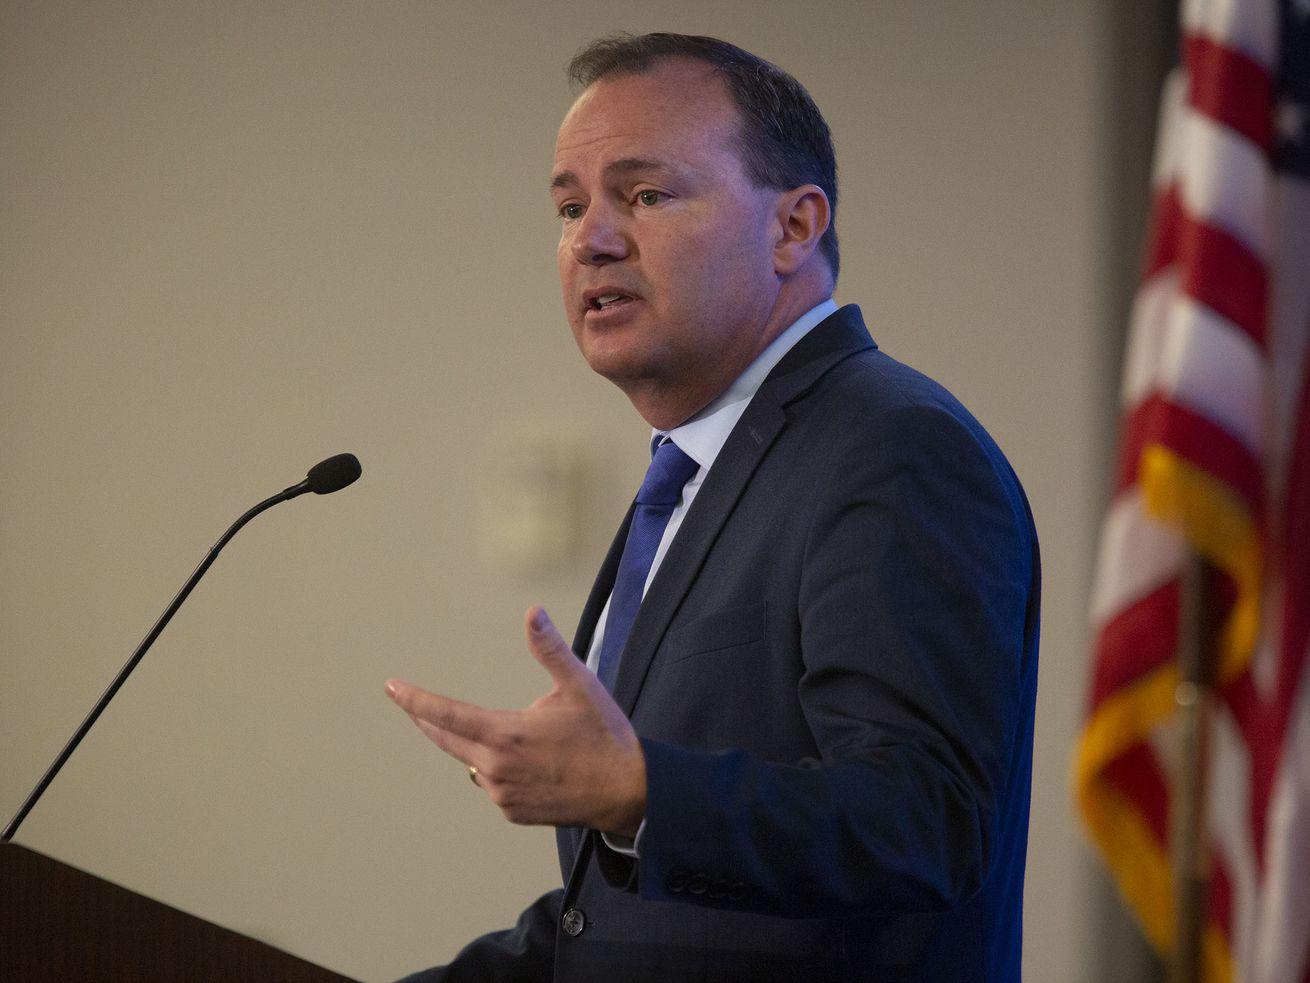 Sen. Mike Lee, R-Utah, speaks during the annual Utah Eagle Forum convention in Sandy on Saturday, Jan. 11, 2020.